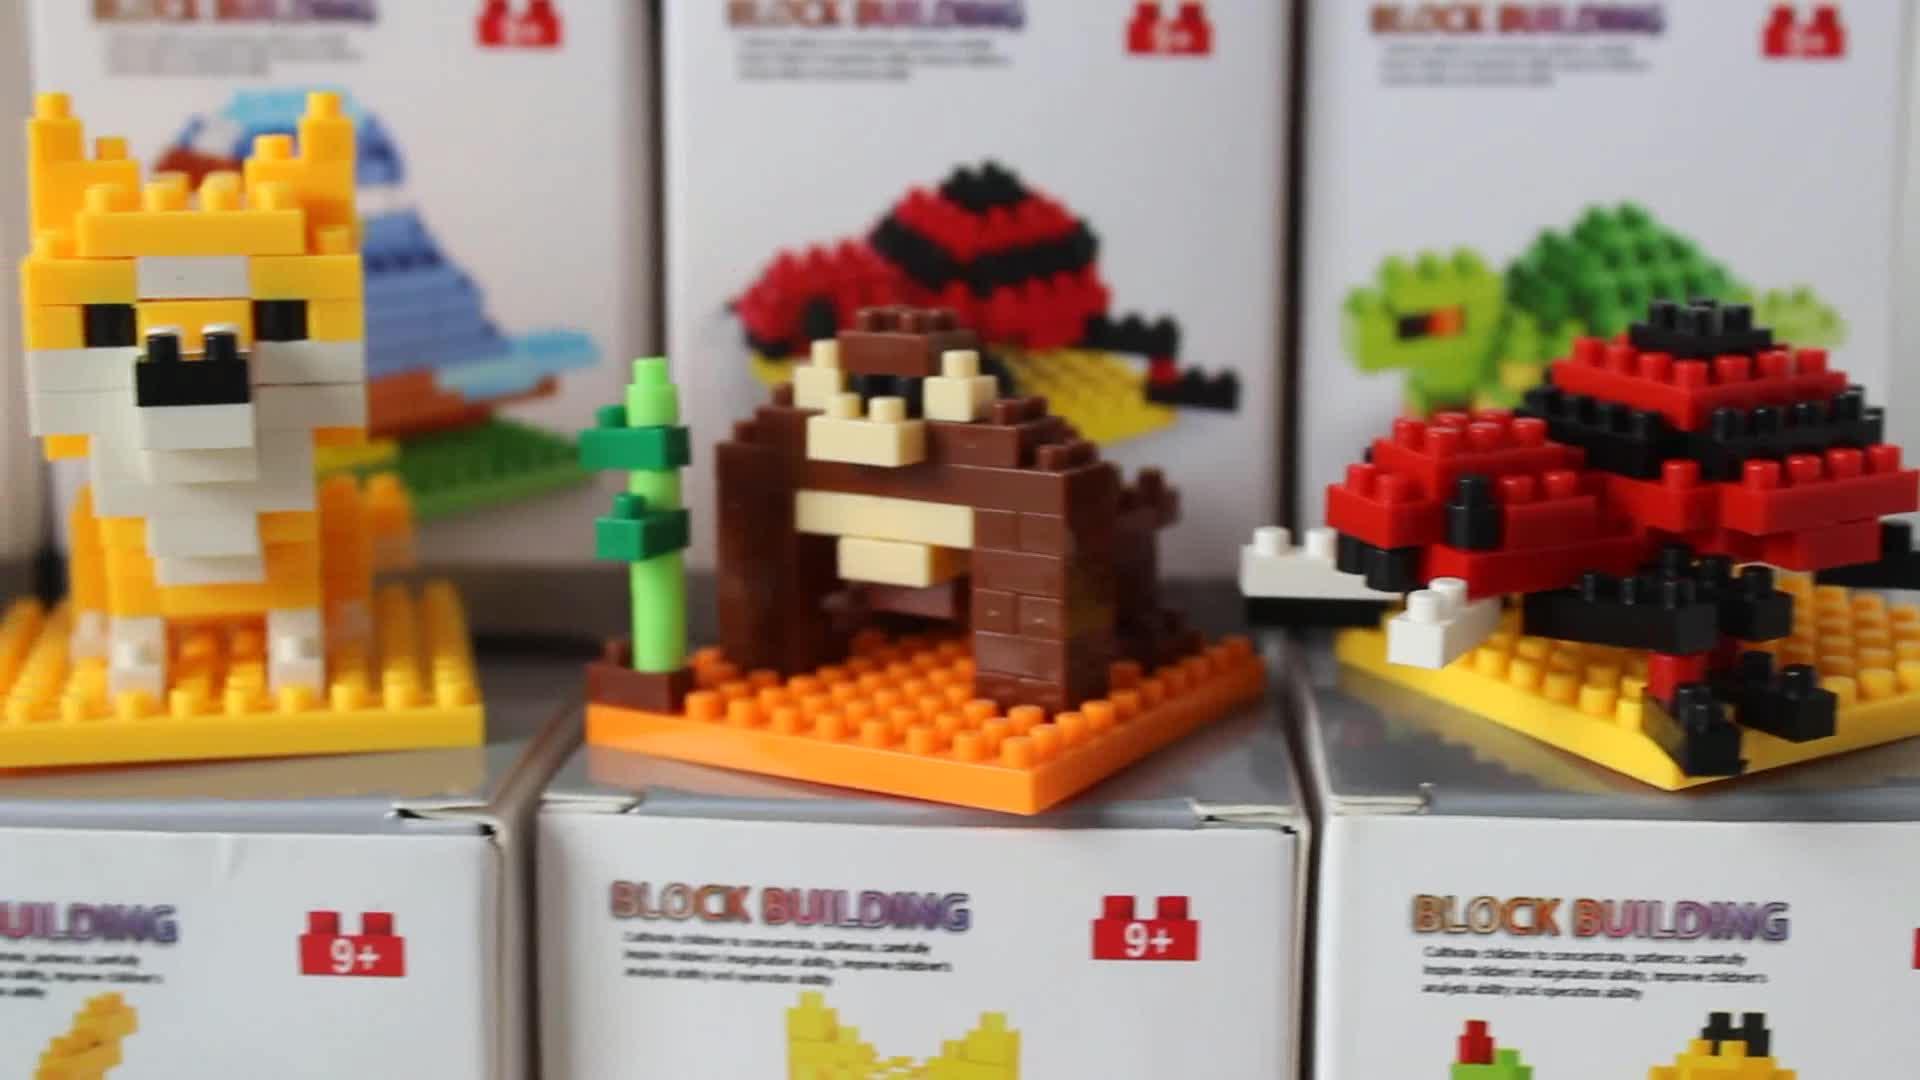 钻石小颗粒积木 儿童手工DIY拼搭玩具 教学活动礼品拼装益智玩具